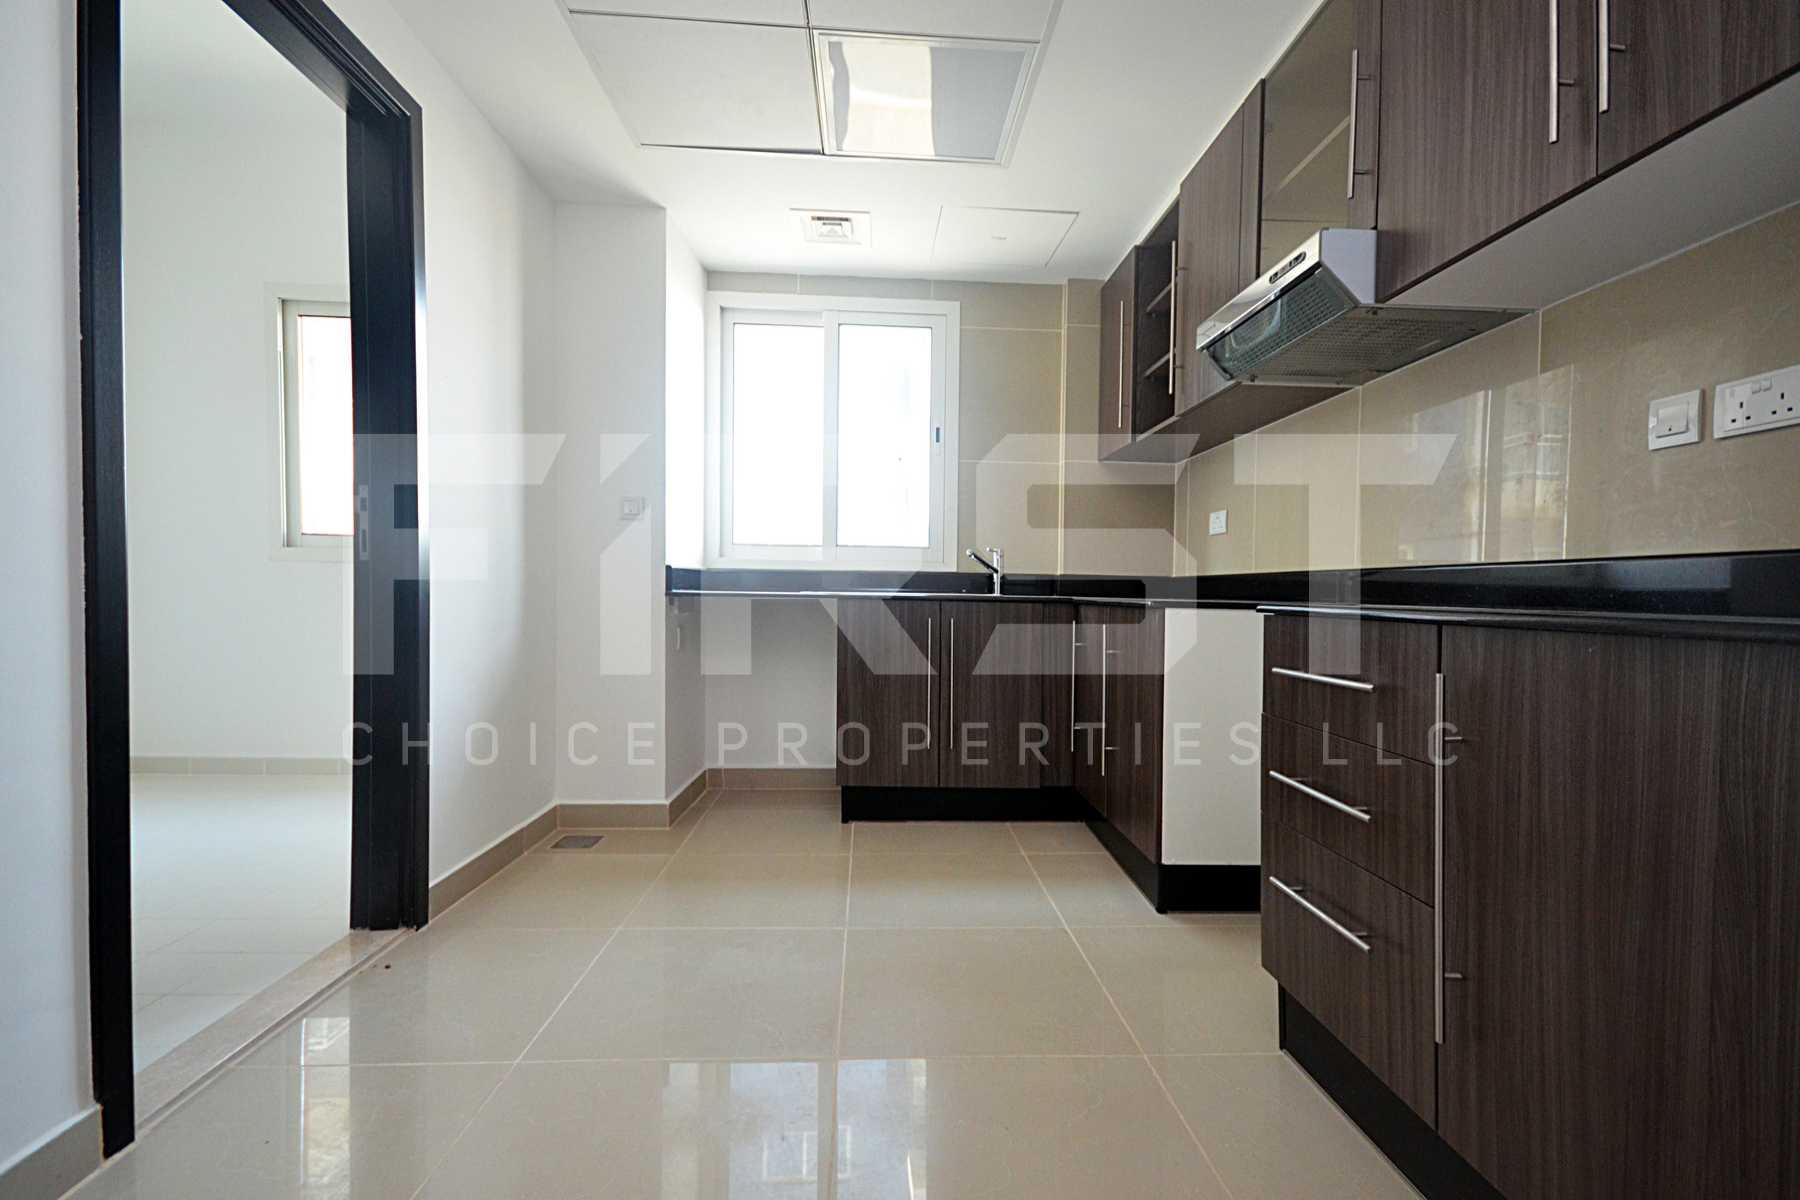 Internal Photo of 3 Bedroom Apartment Closed Kitchen in Al Reef Downtown Al Reef Abu Dhabi UAE (6).jpg